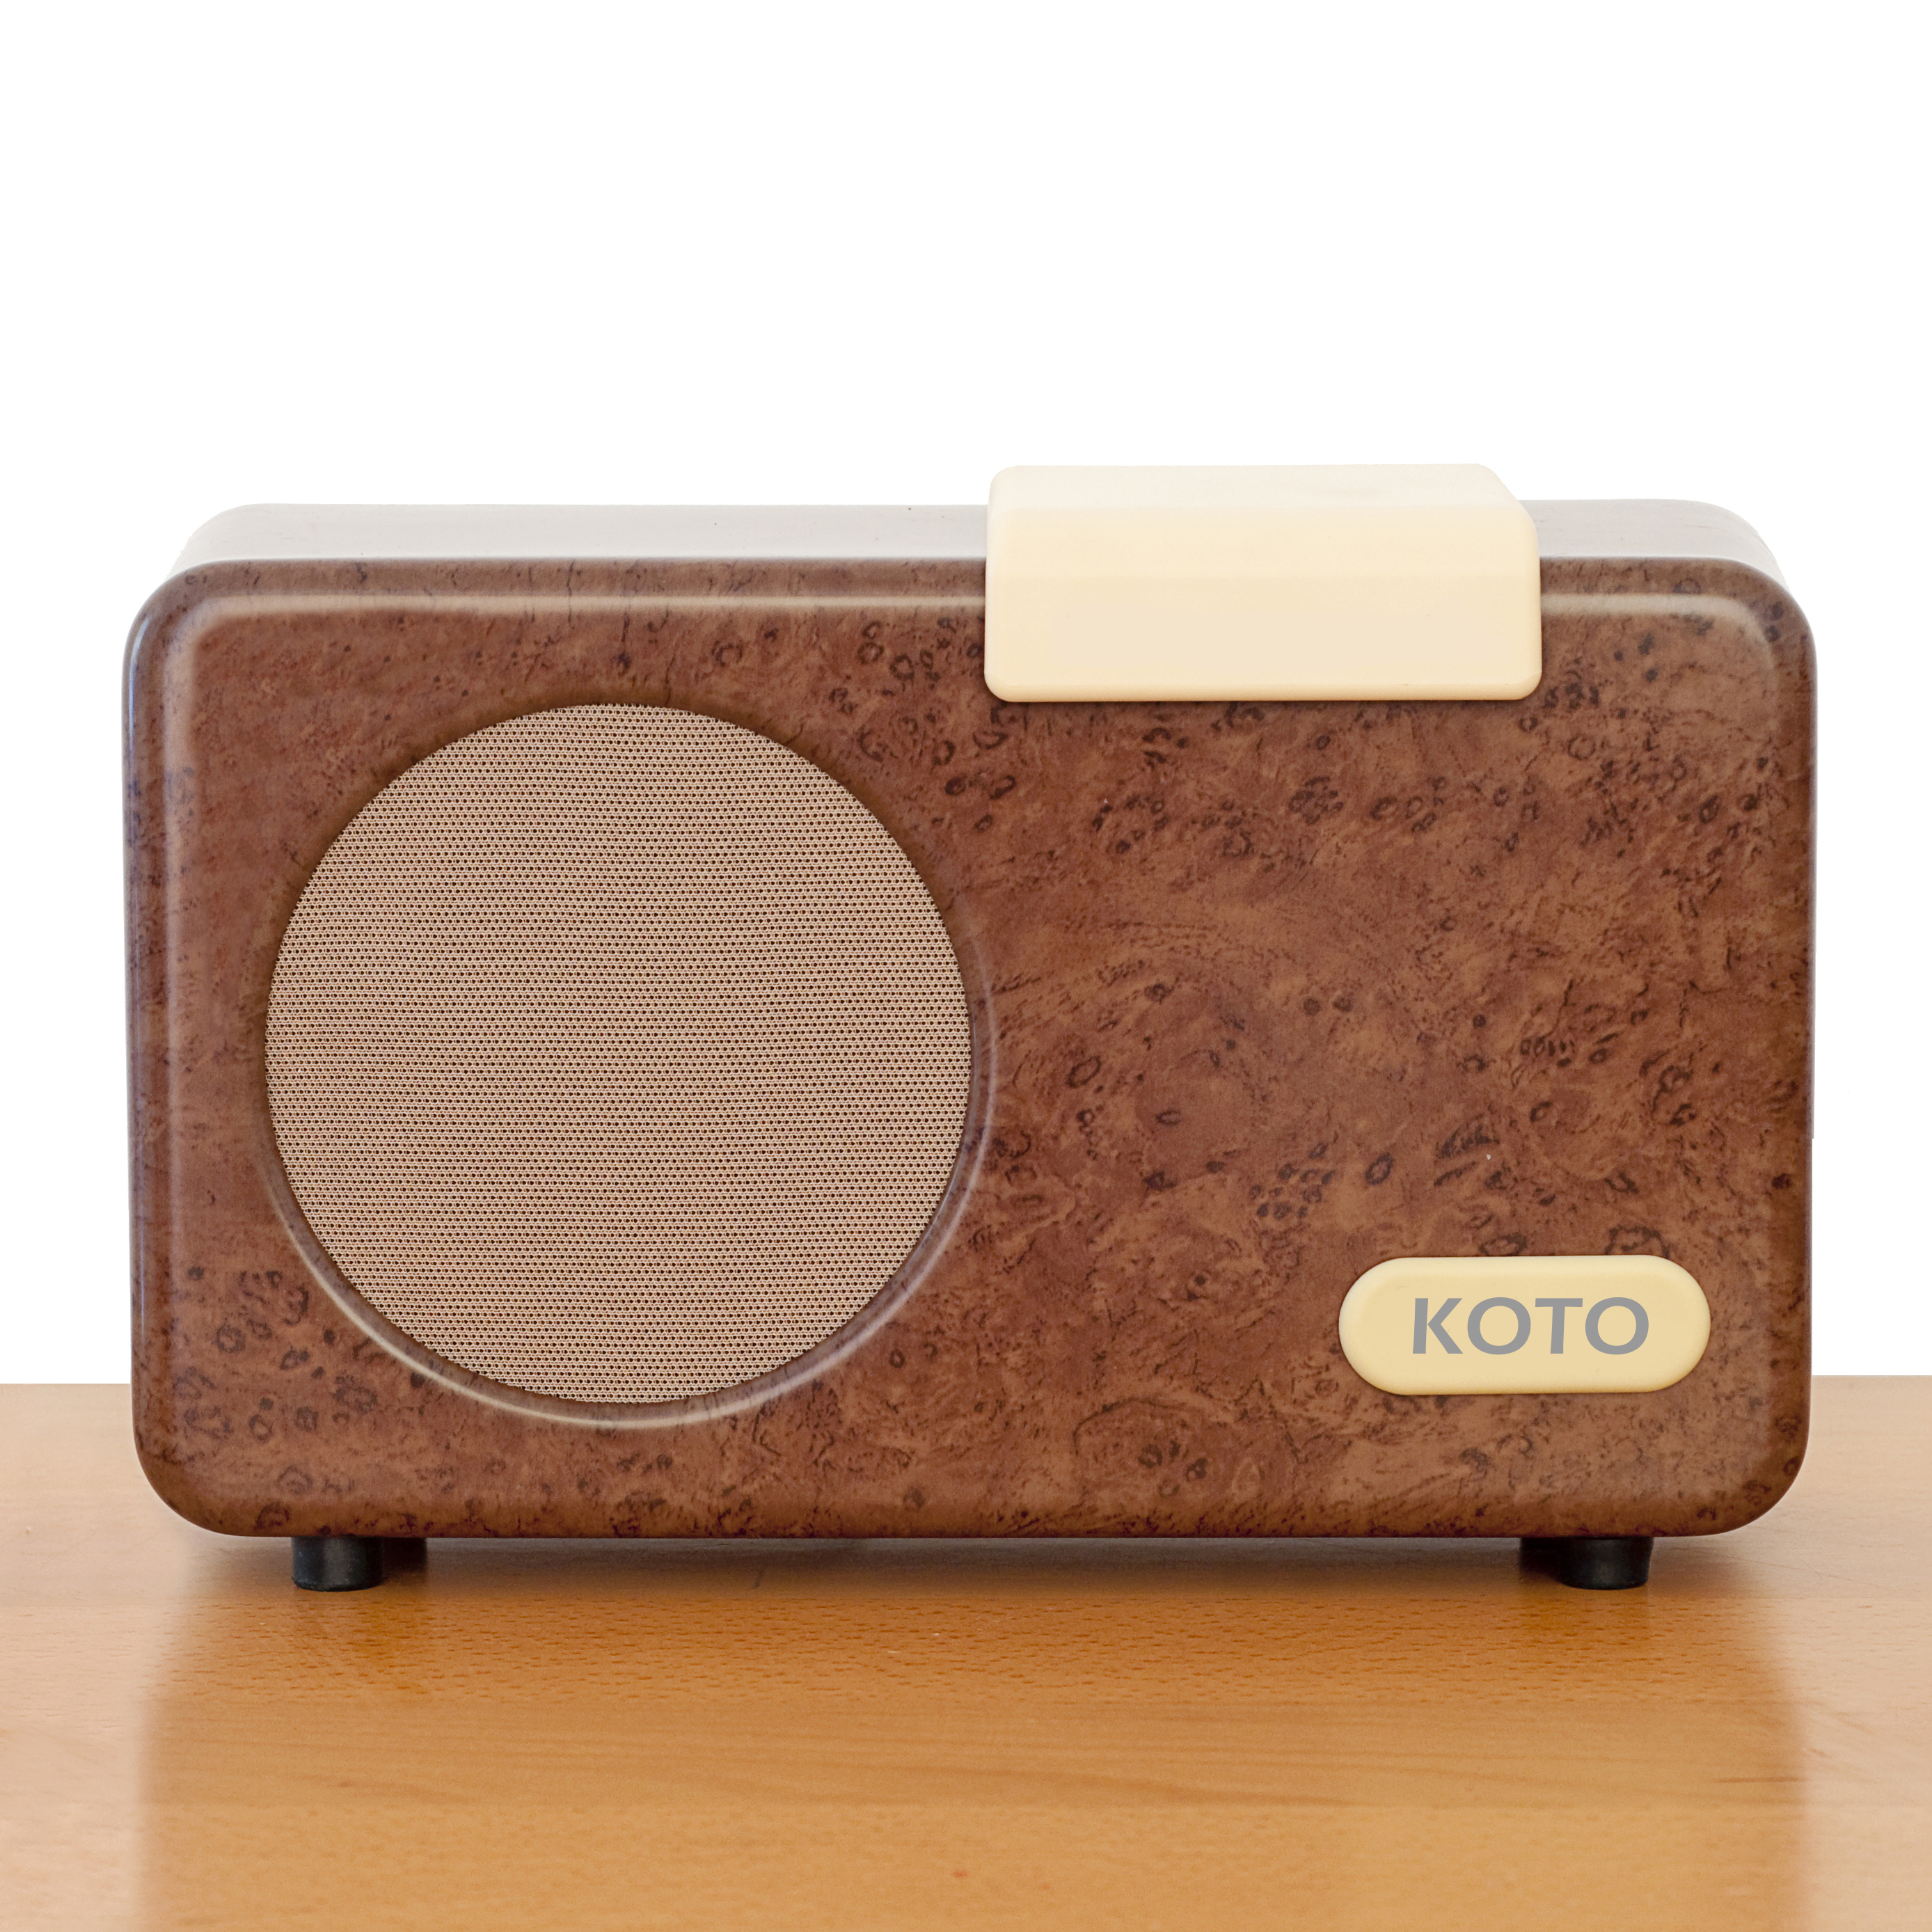 OER Music player Radio Walnoot - Radio voor dementerende